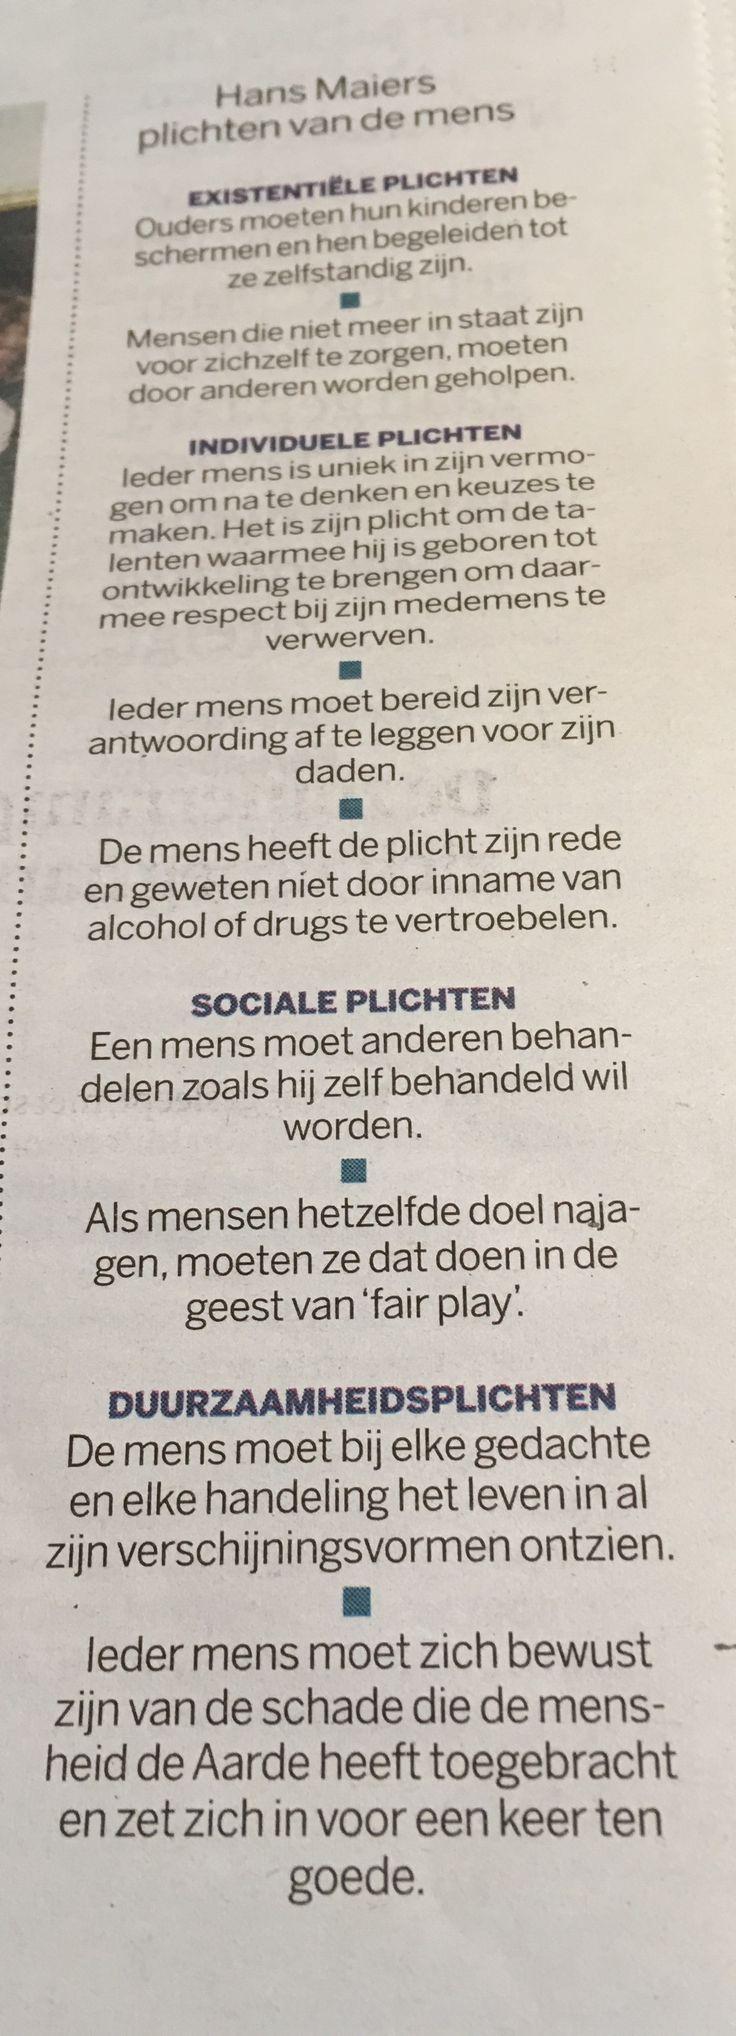 Mooi vind ik dit: Maiers' plichten van de mens. Uit de Volkskrant van vrijdag 8 juli 2016.